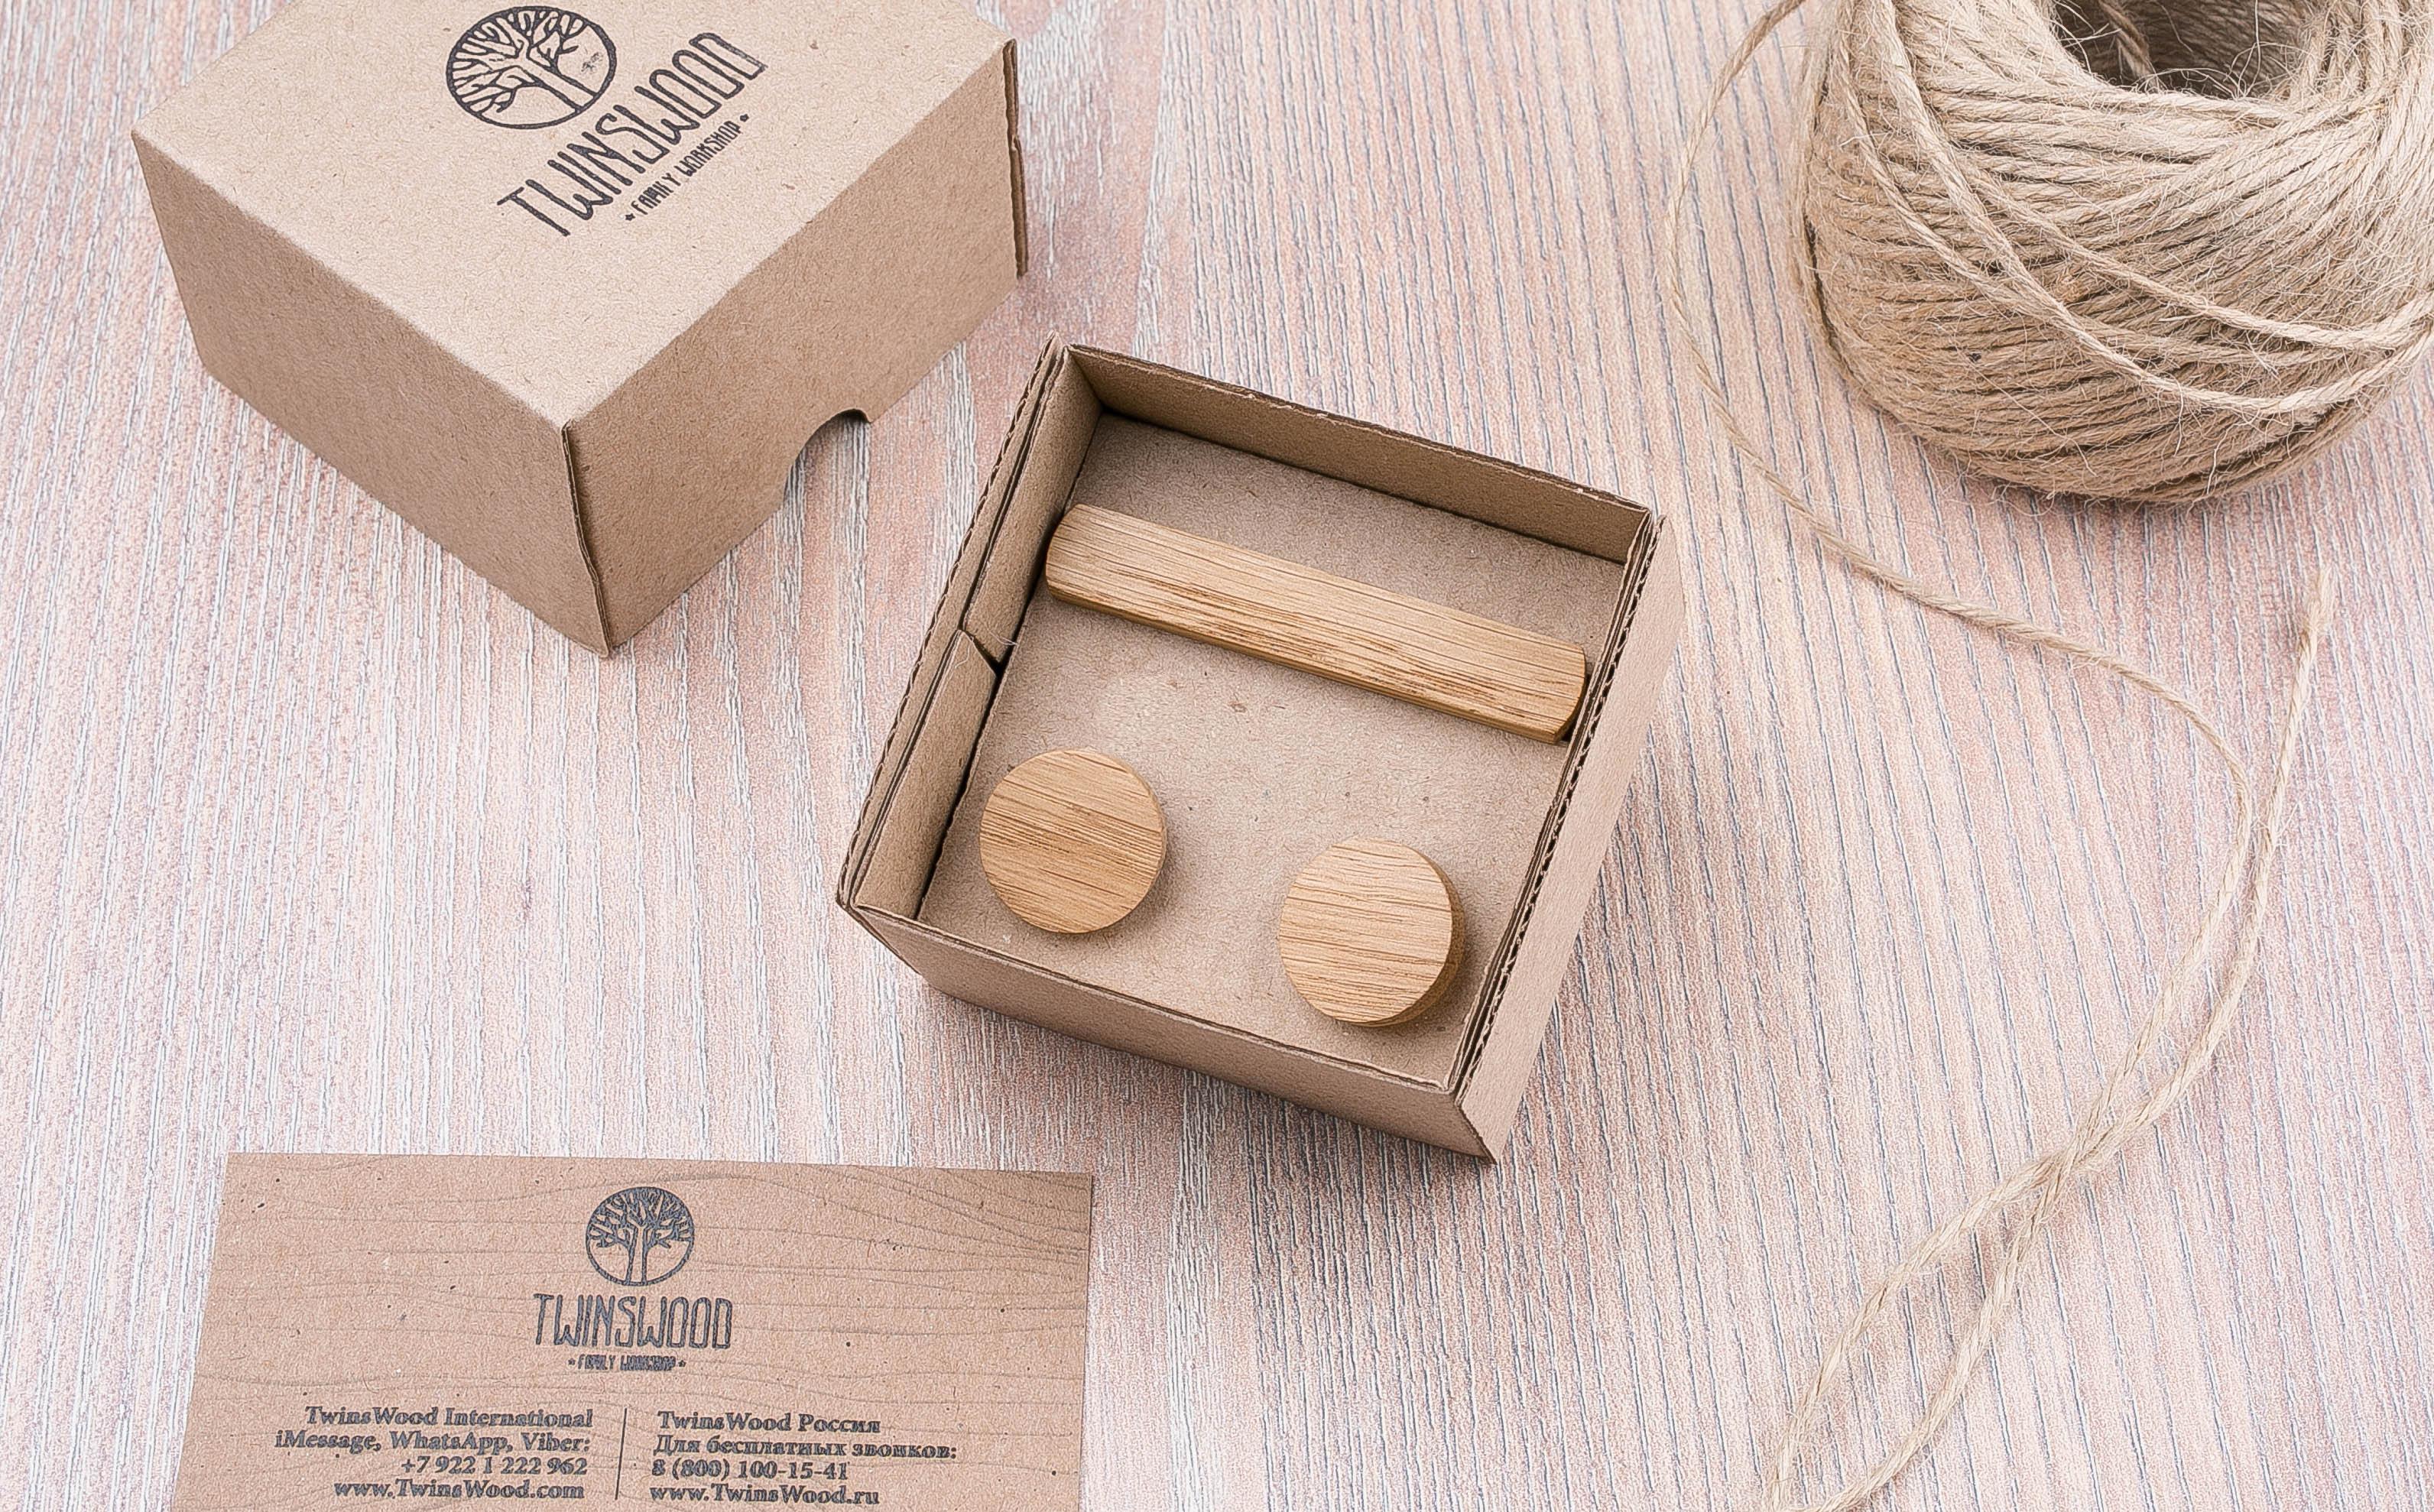 Комплект: Круглые запонки из дерева и Деревянный зажим для галстука. Массив дуба. Гравировка инициалов. Упаковка в комплекте